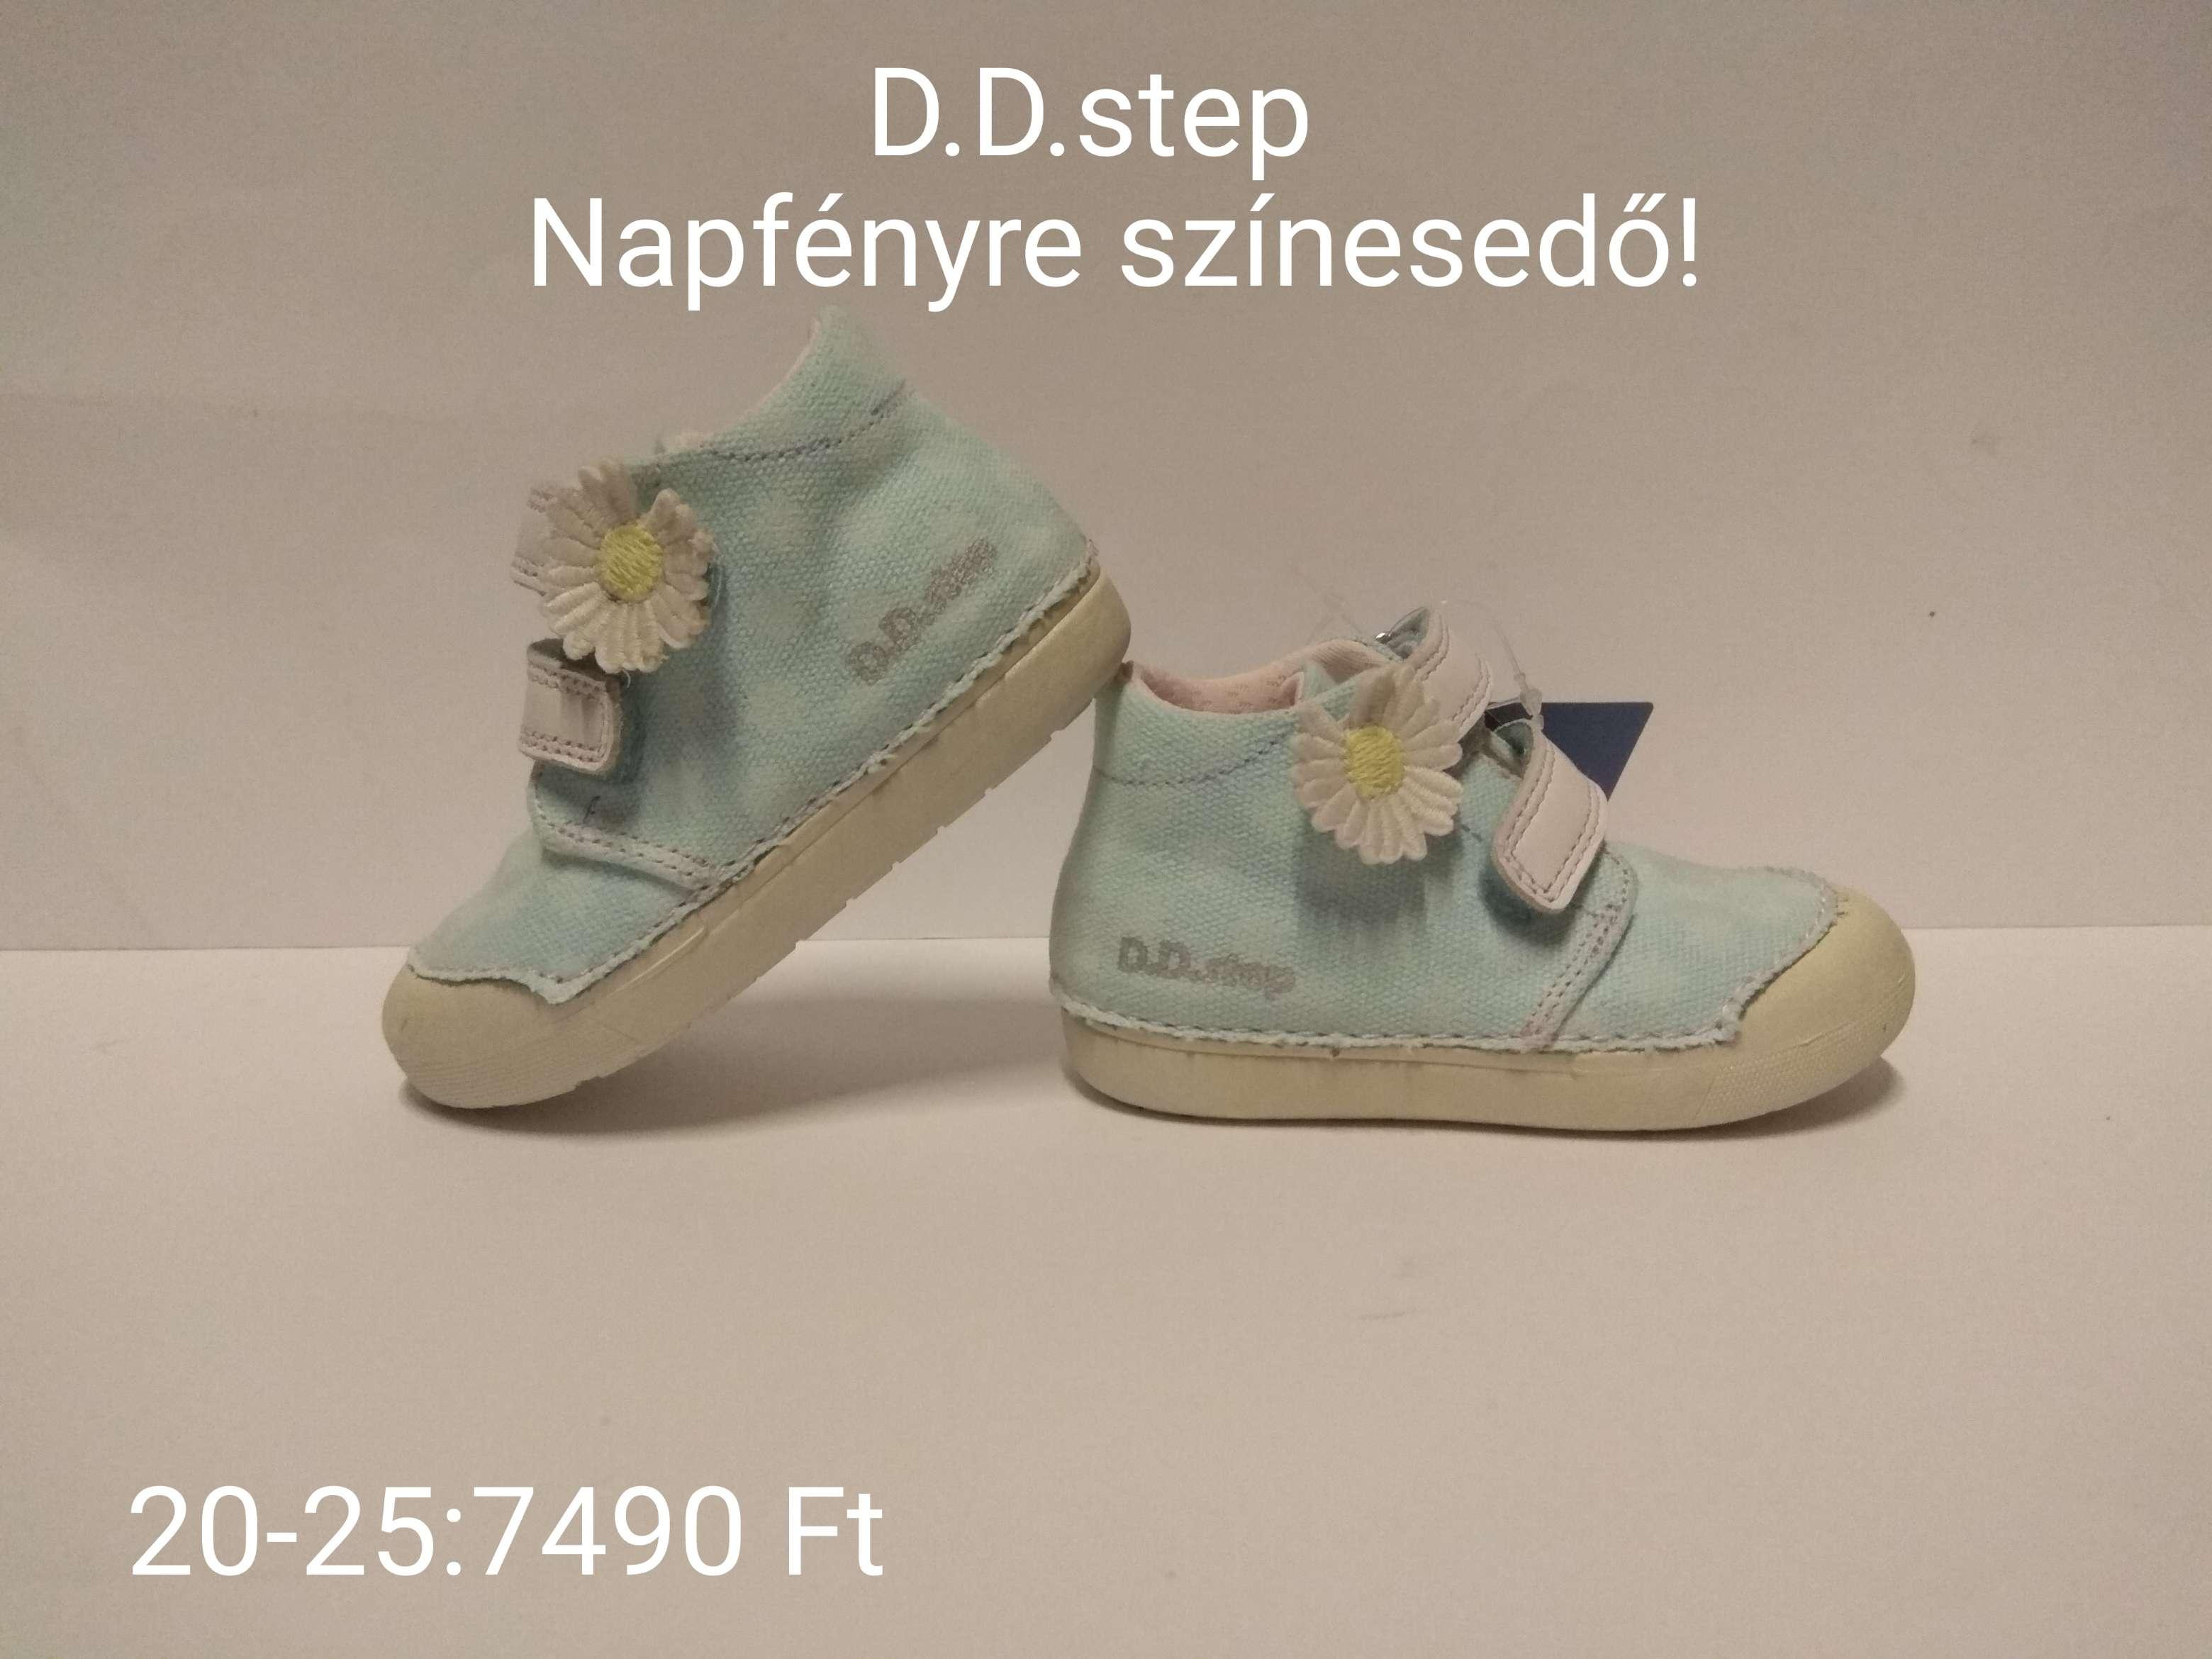 D.D.step fényre szinesedő vászon